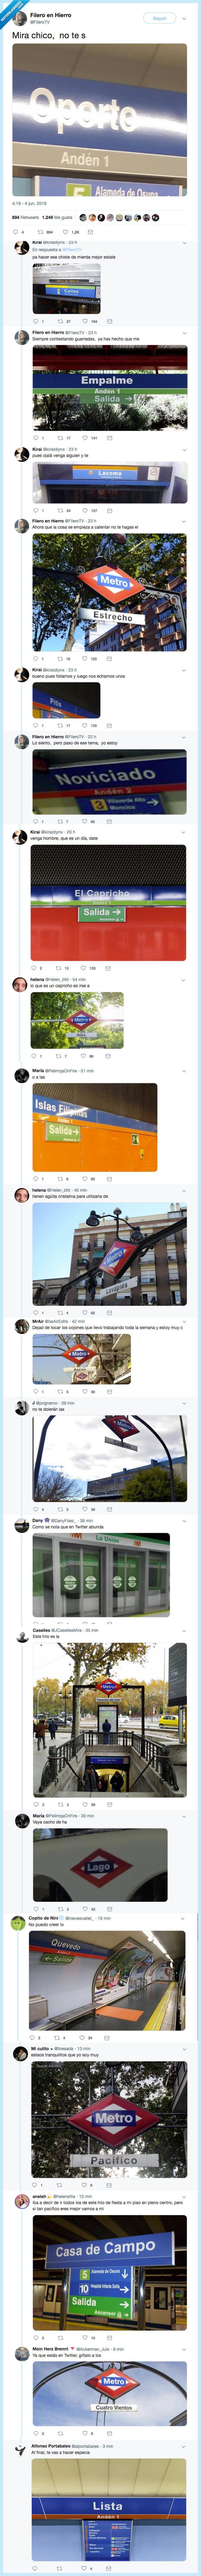 madrid,metro,que es una maravilla